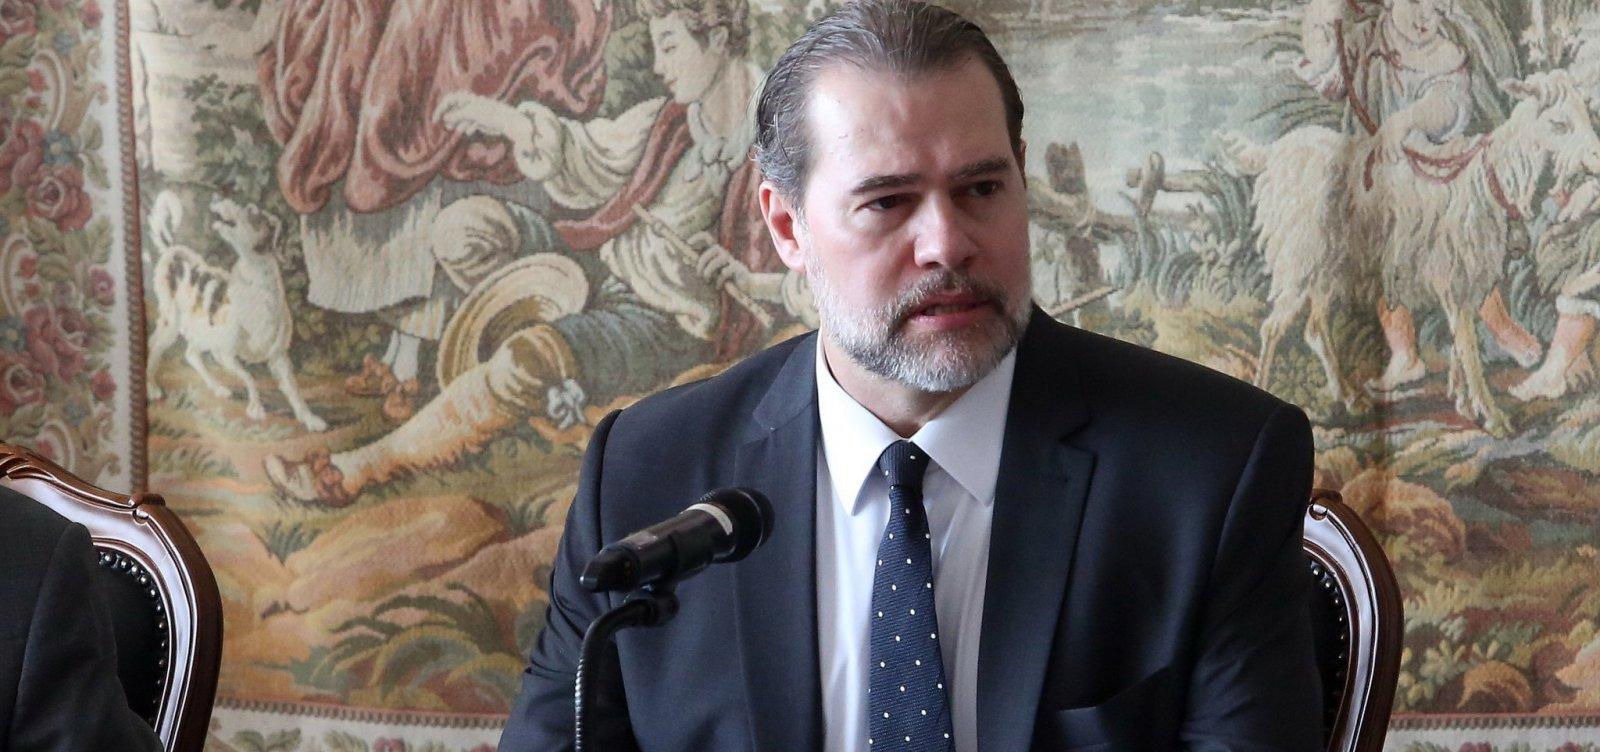 Juízes jovens sem conhecimento da realidade são recrutados para cargos públicos, diz Toffoli